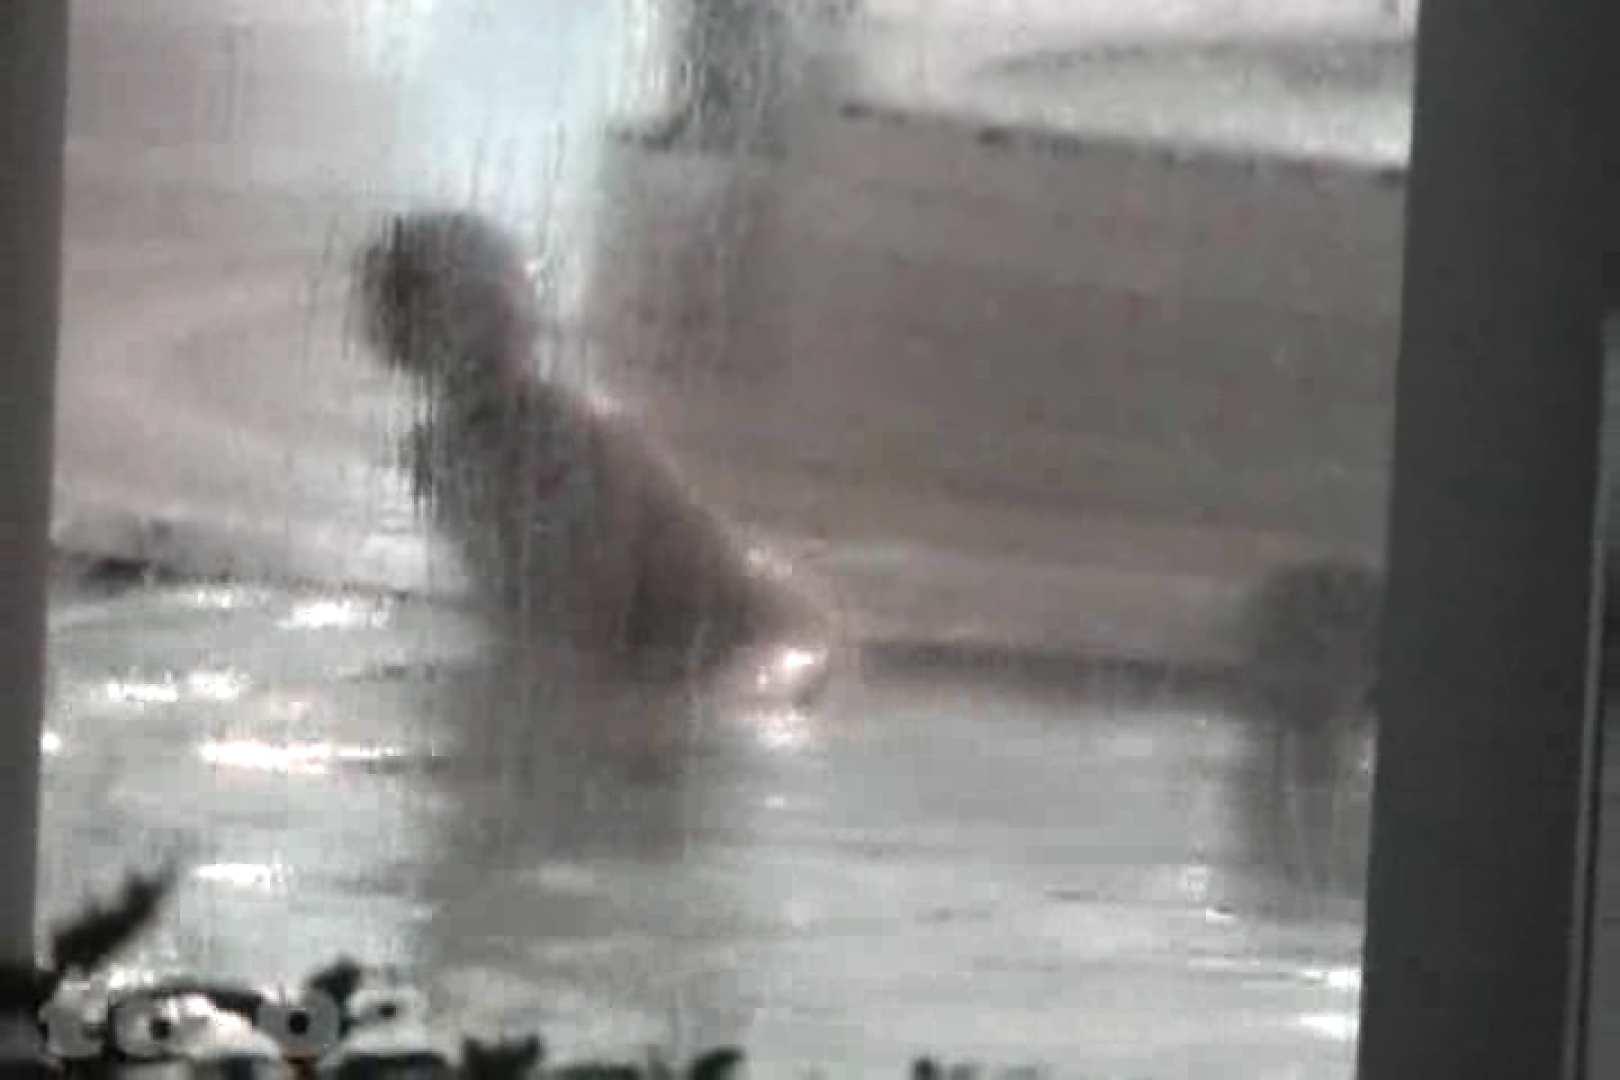 合宿ホテル女風呂盗撮高画質版 Vol.08 ホテルで絶頂 おまんこ動画流出 90画像 2